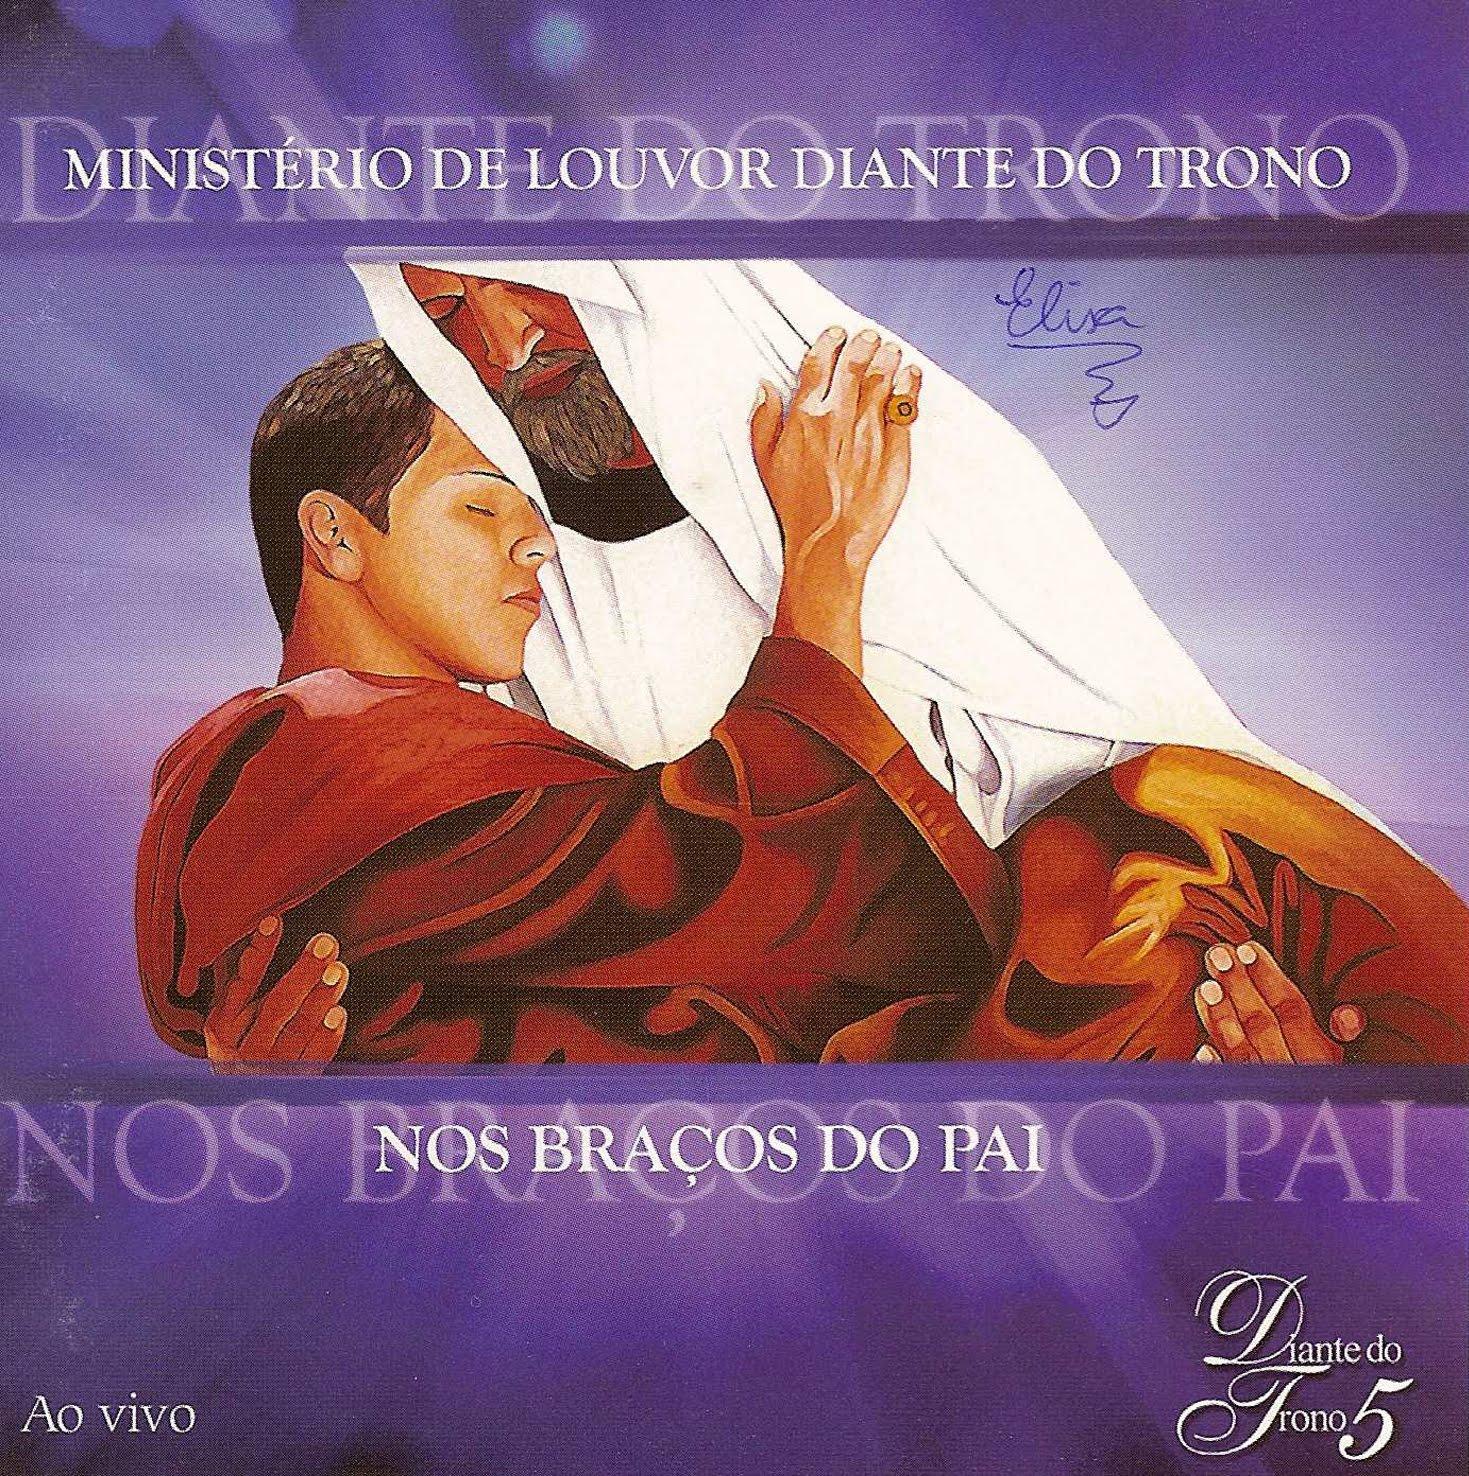 DOWNLOAD BAIXAR MUSICA ALBUM CD GRATIS Diante do Trono Nos Braços do